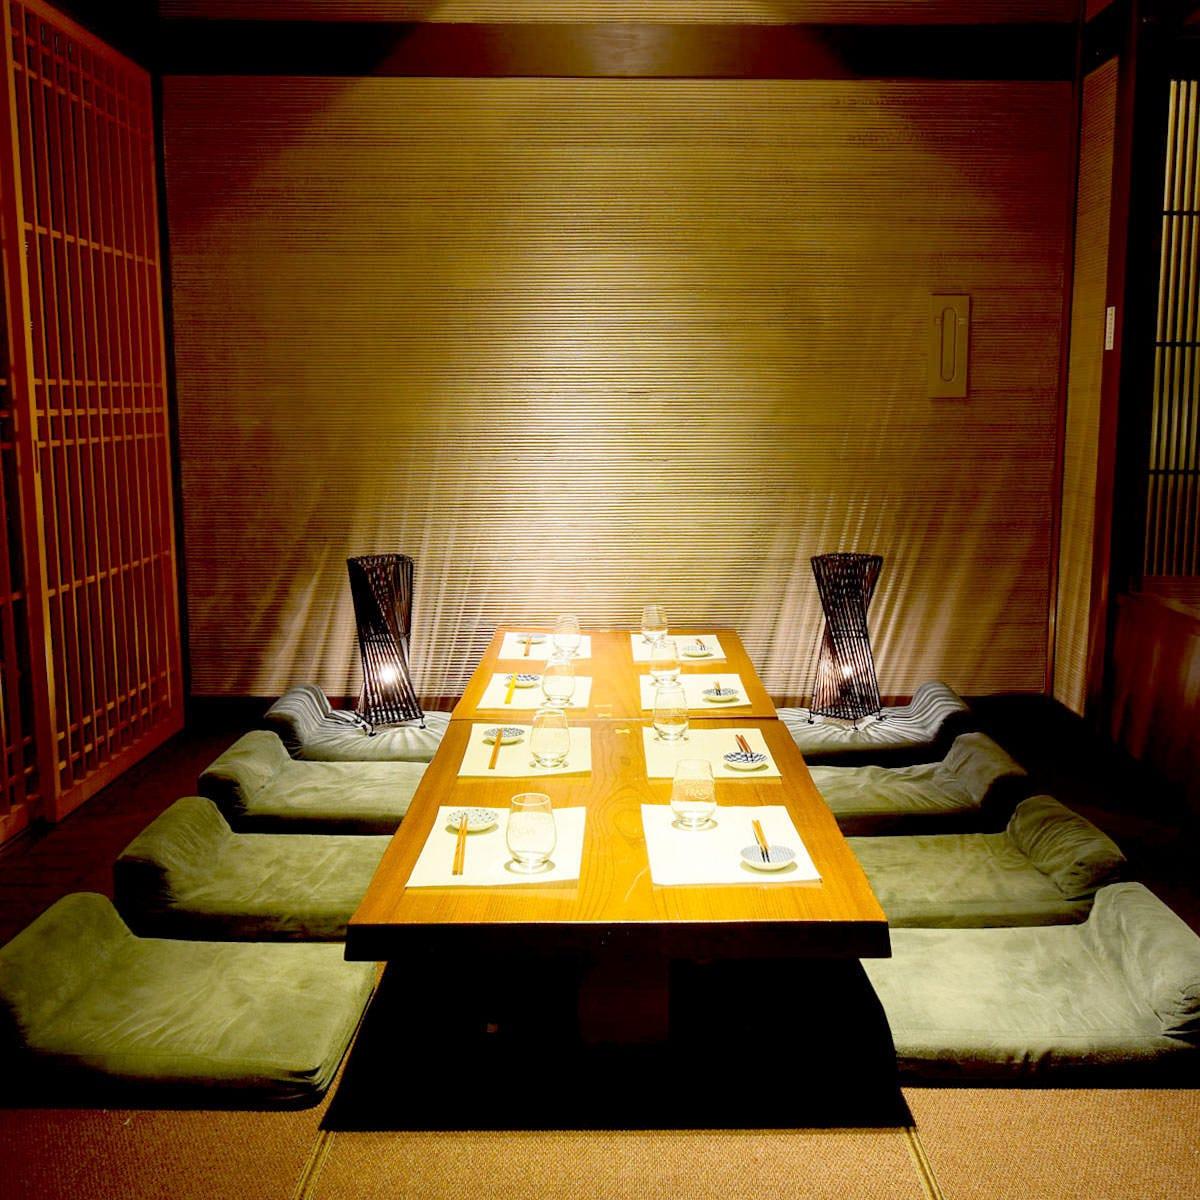 【海浜幕張×居酒屋】 全席完全個室のプライベート空間です◎